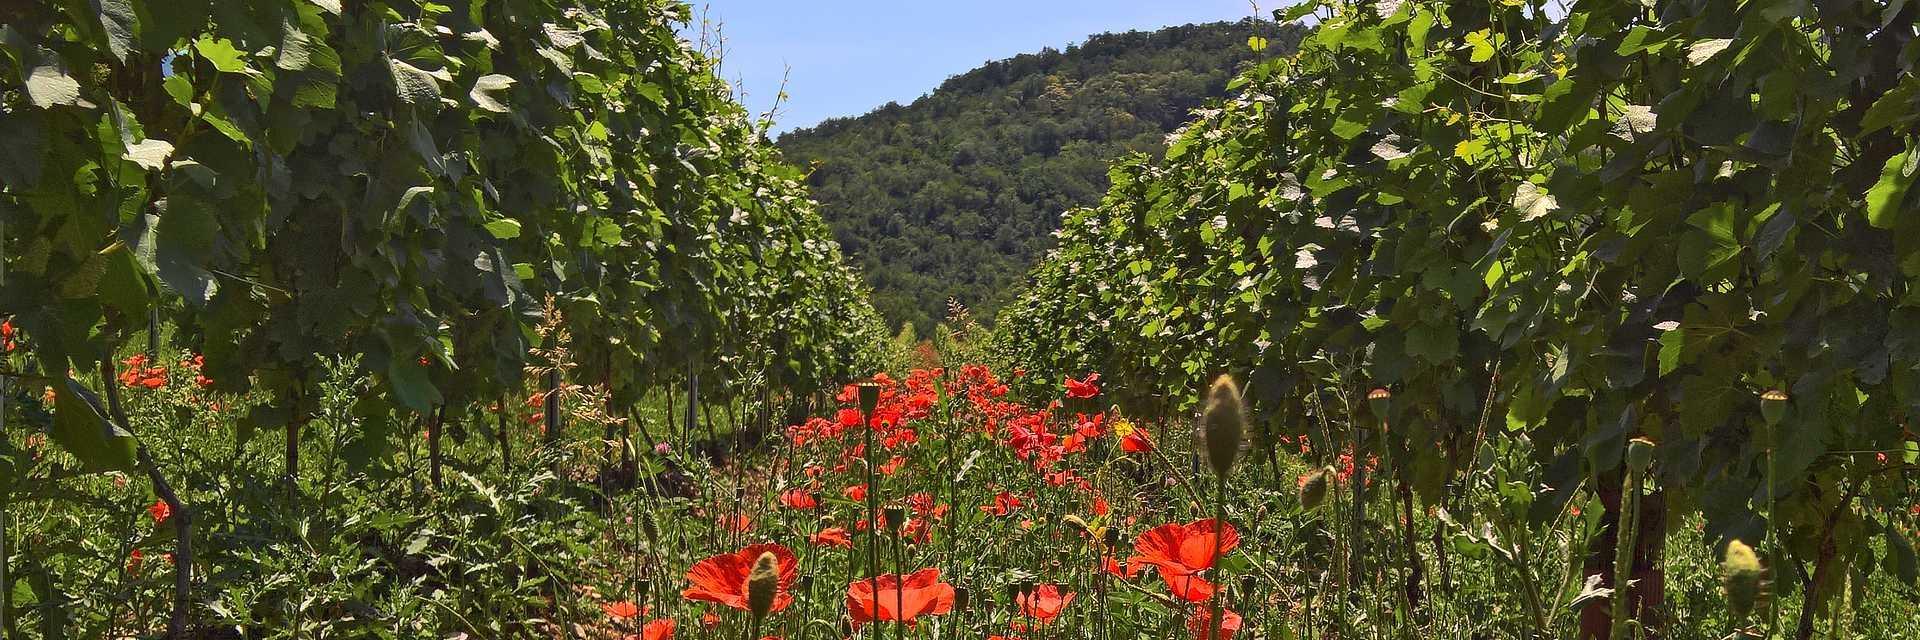 Coquelicots dans les vignes